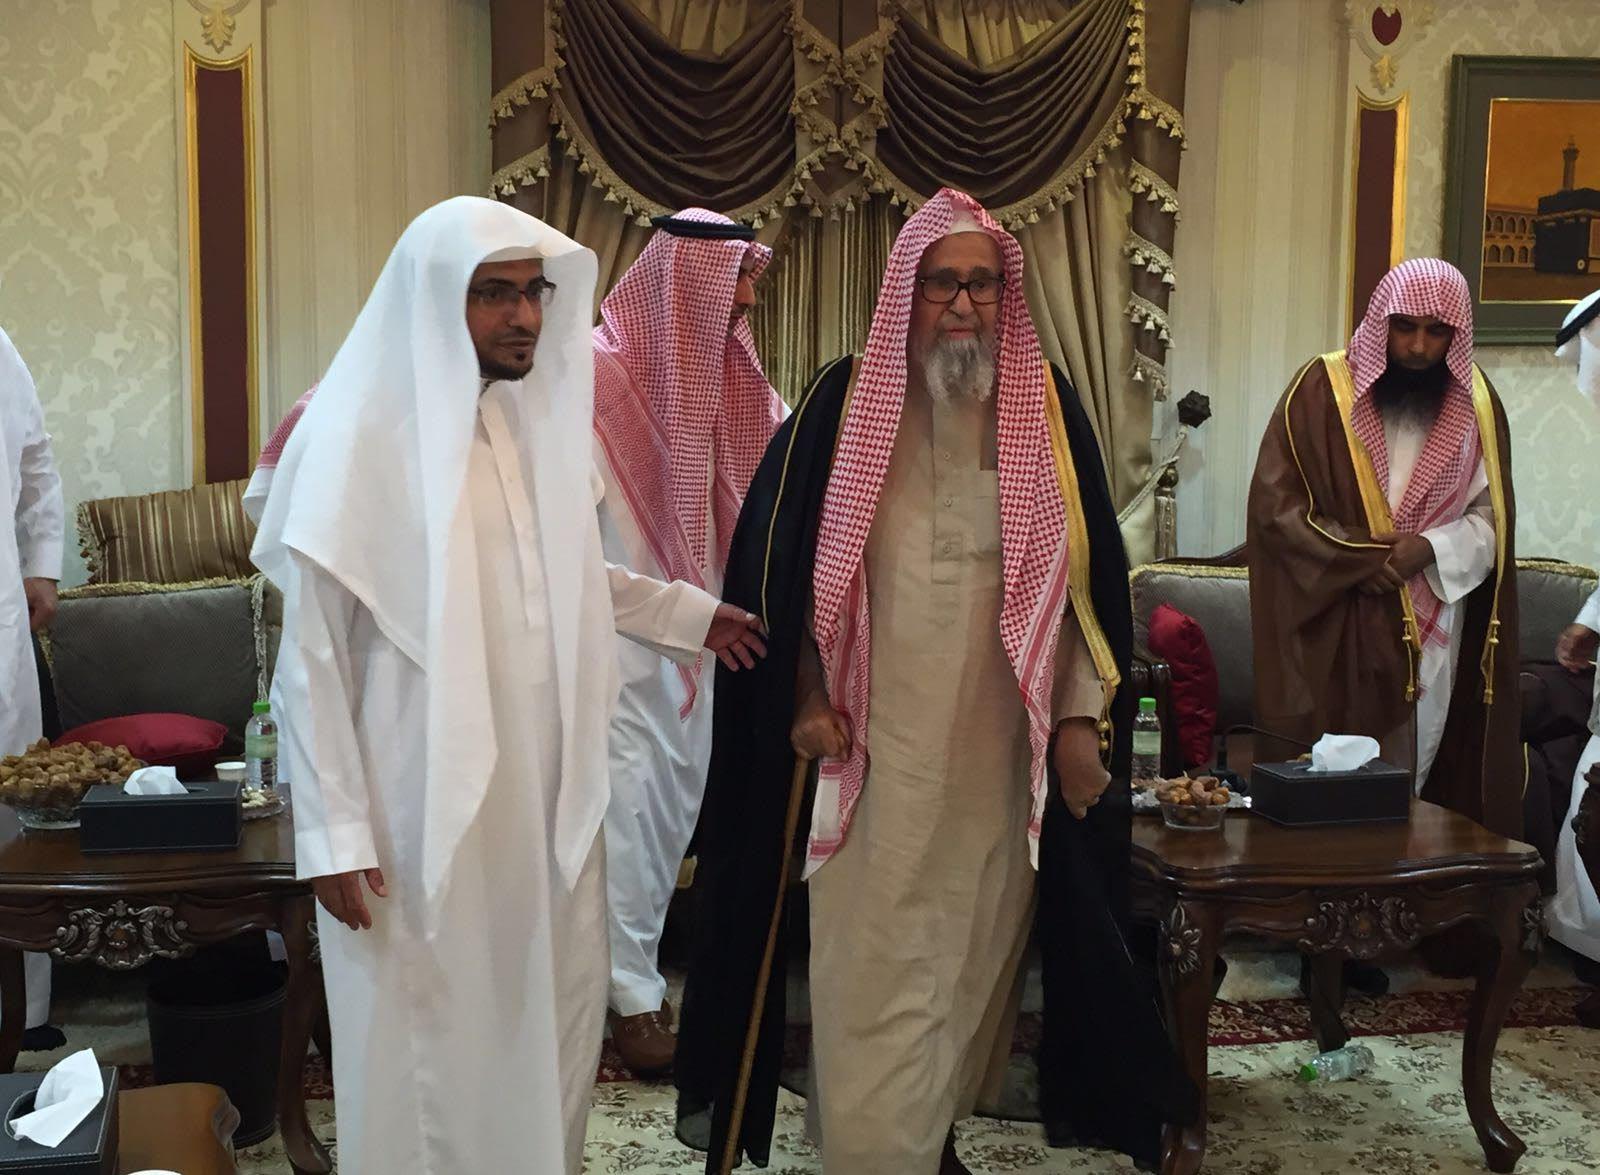 المغامسي يستقبل الشيخ صالح الفوزان (3)